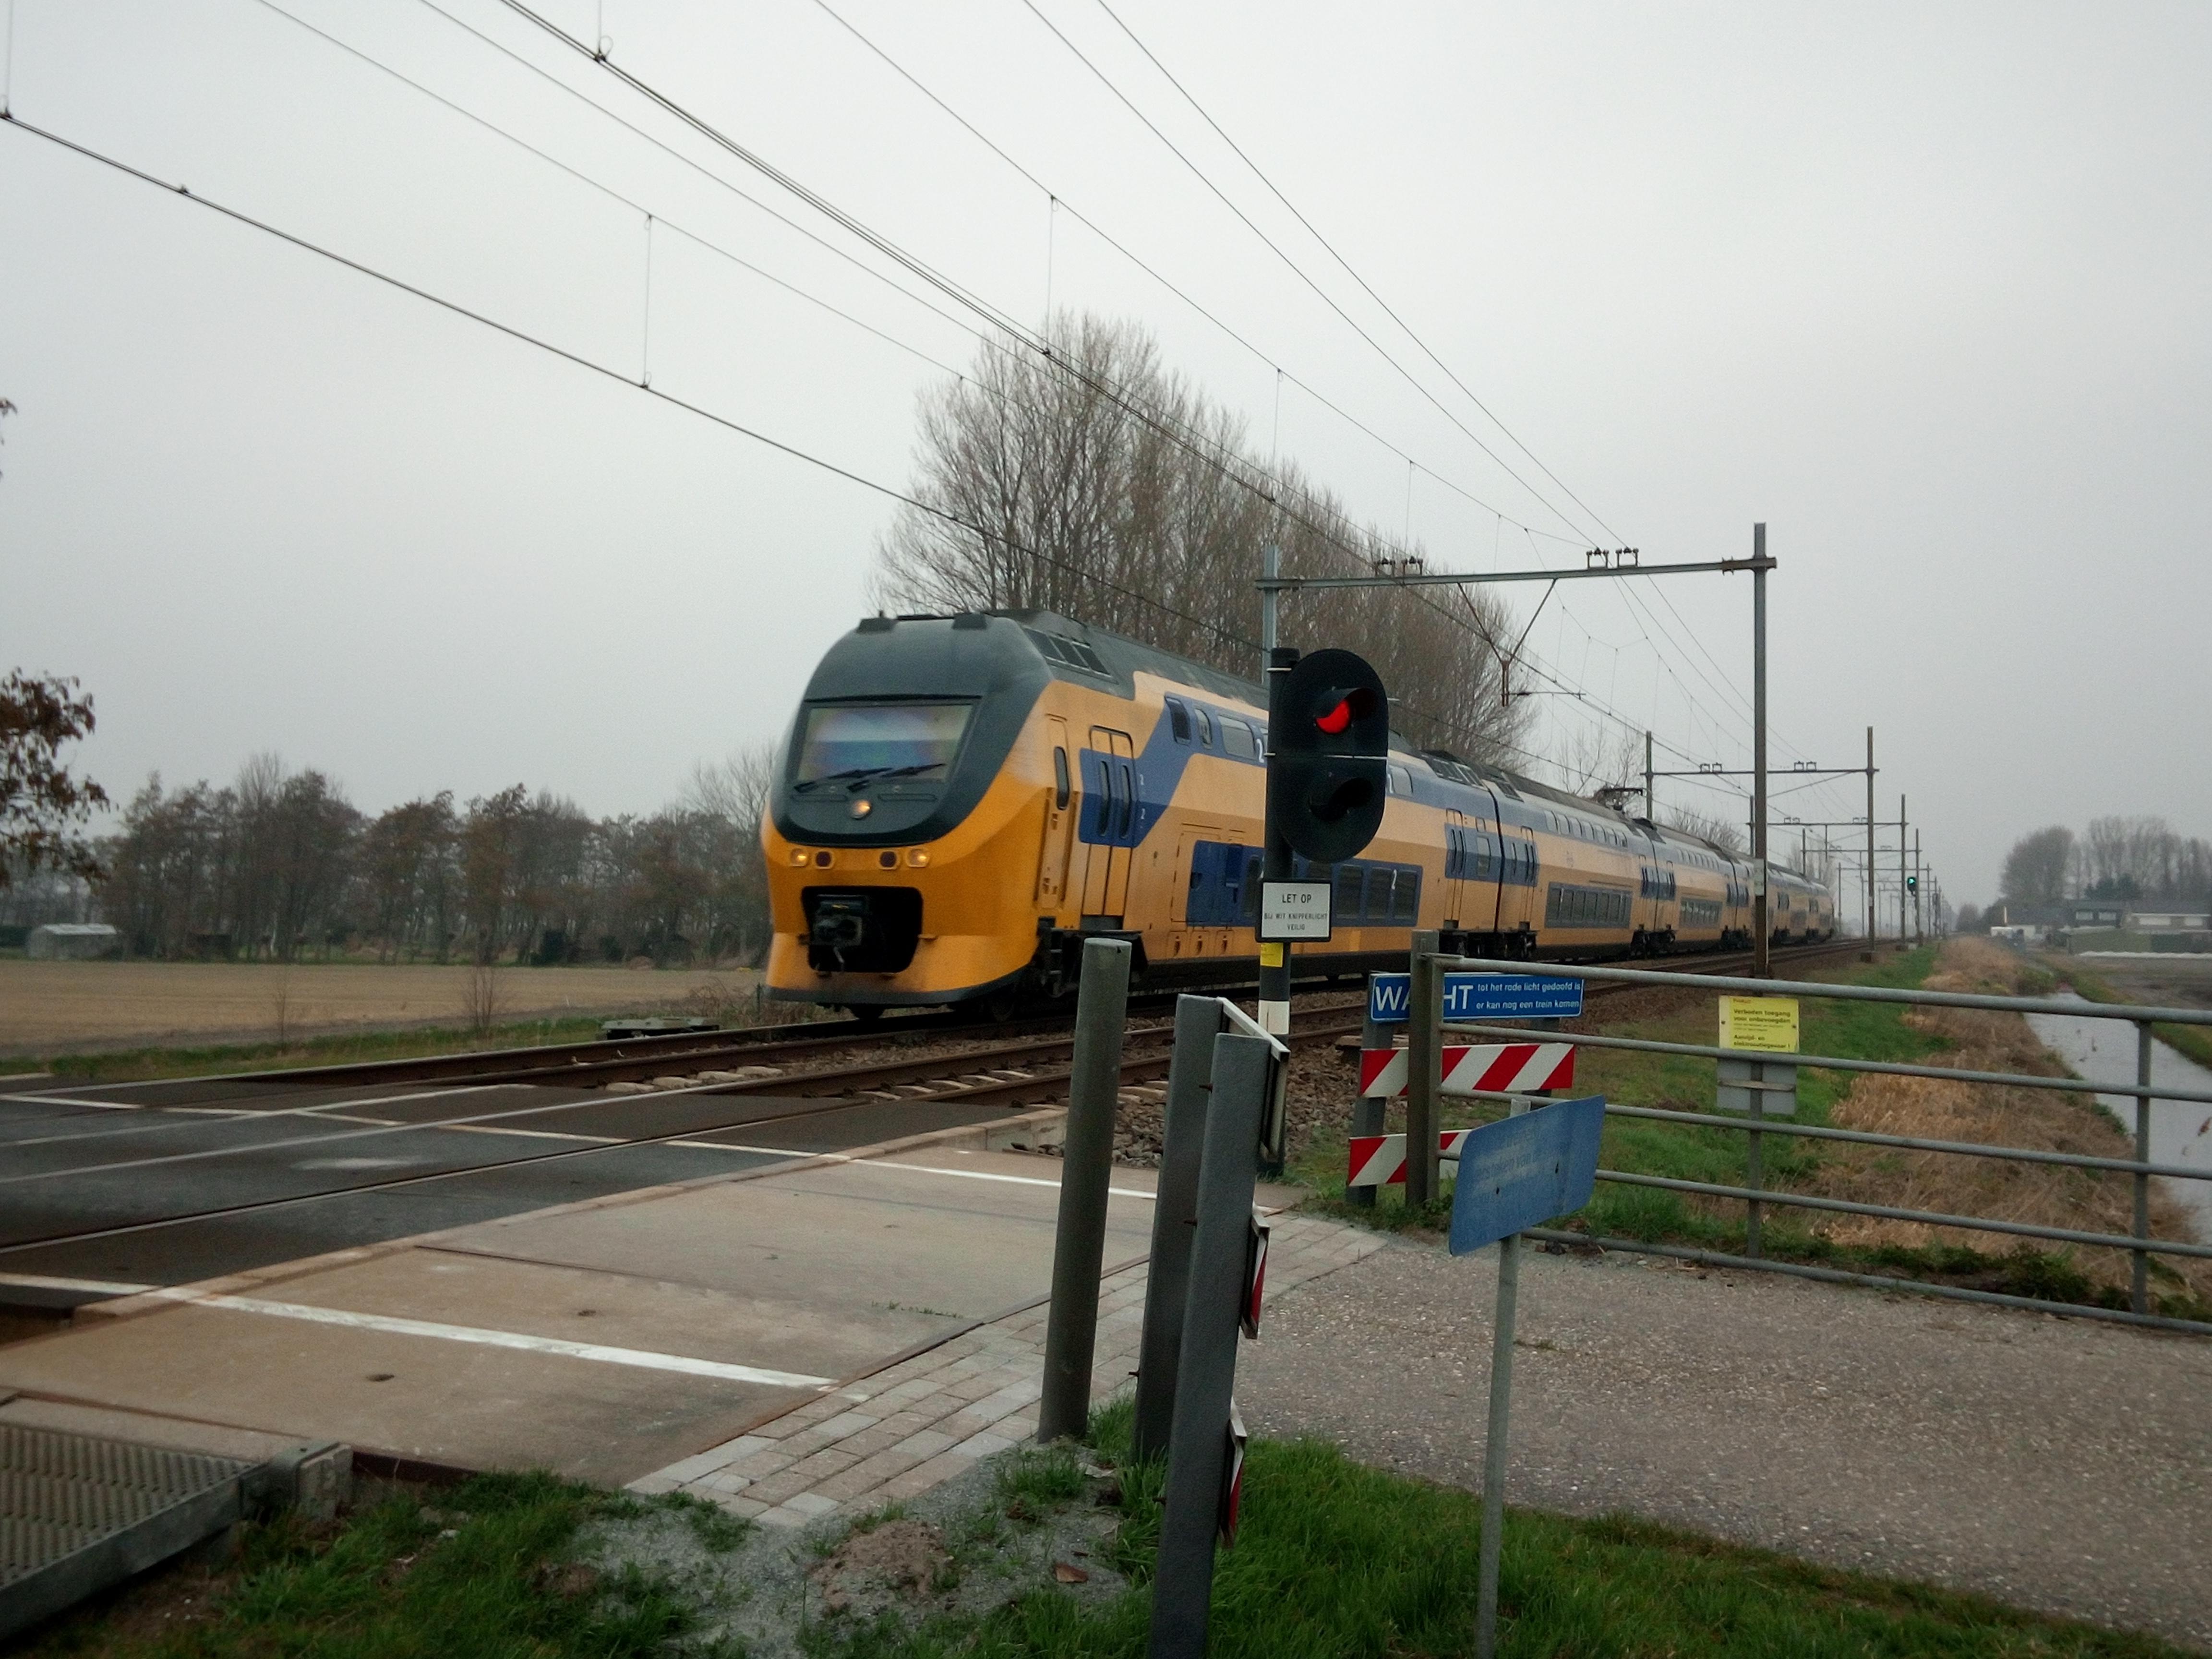 Onbewaakte spoorpassages Bollenstreek moeten binnen vijf jaar dicht, maar dat kost veel geld